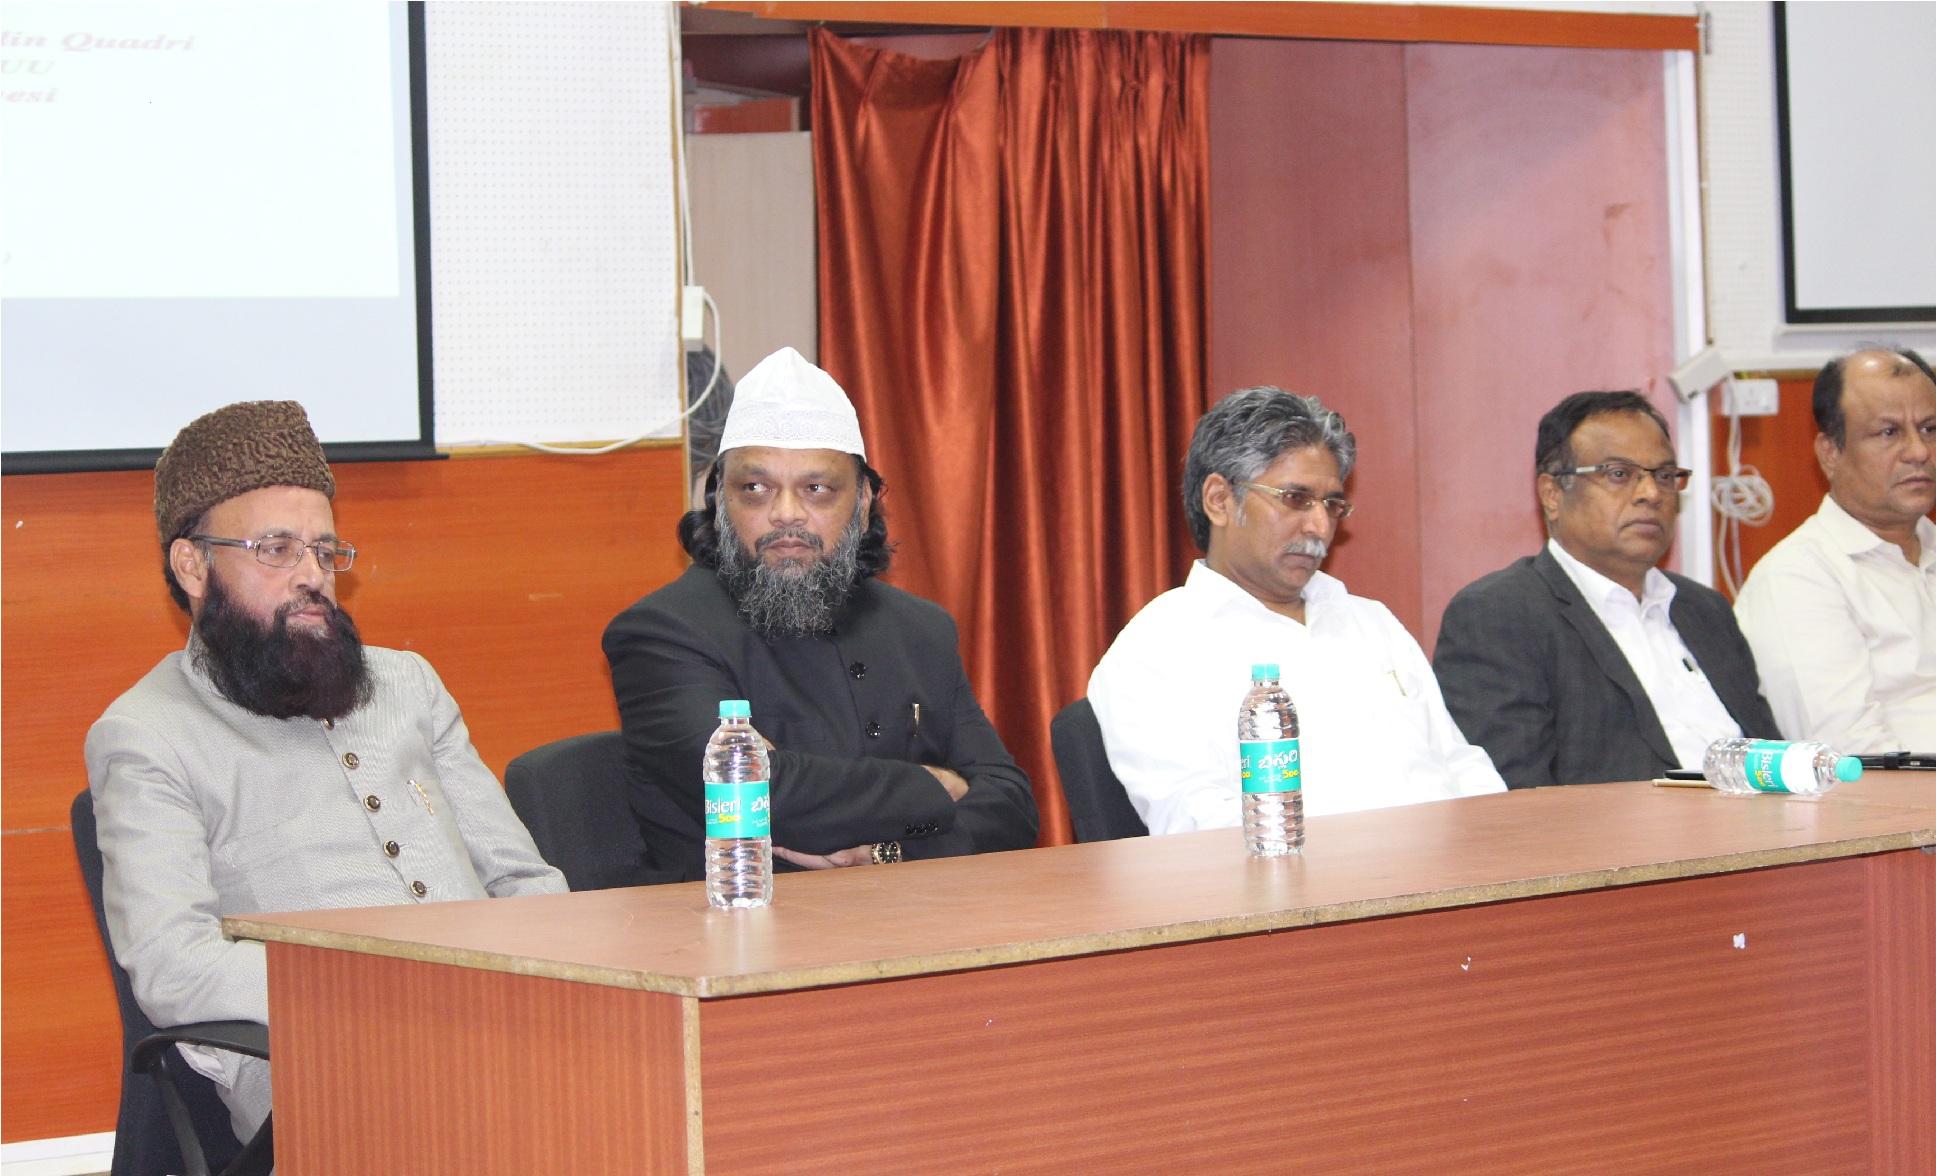 عمل کا دارومدار نیت پر: اردو یونیورسٹی میں میلادالنبی کااہتمام